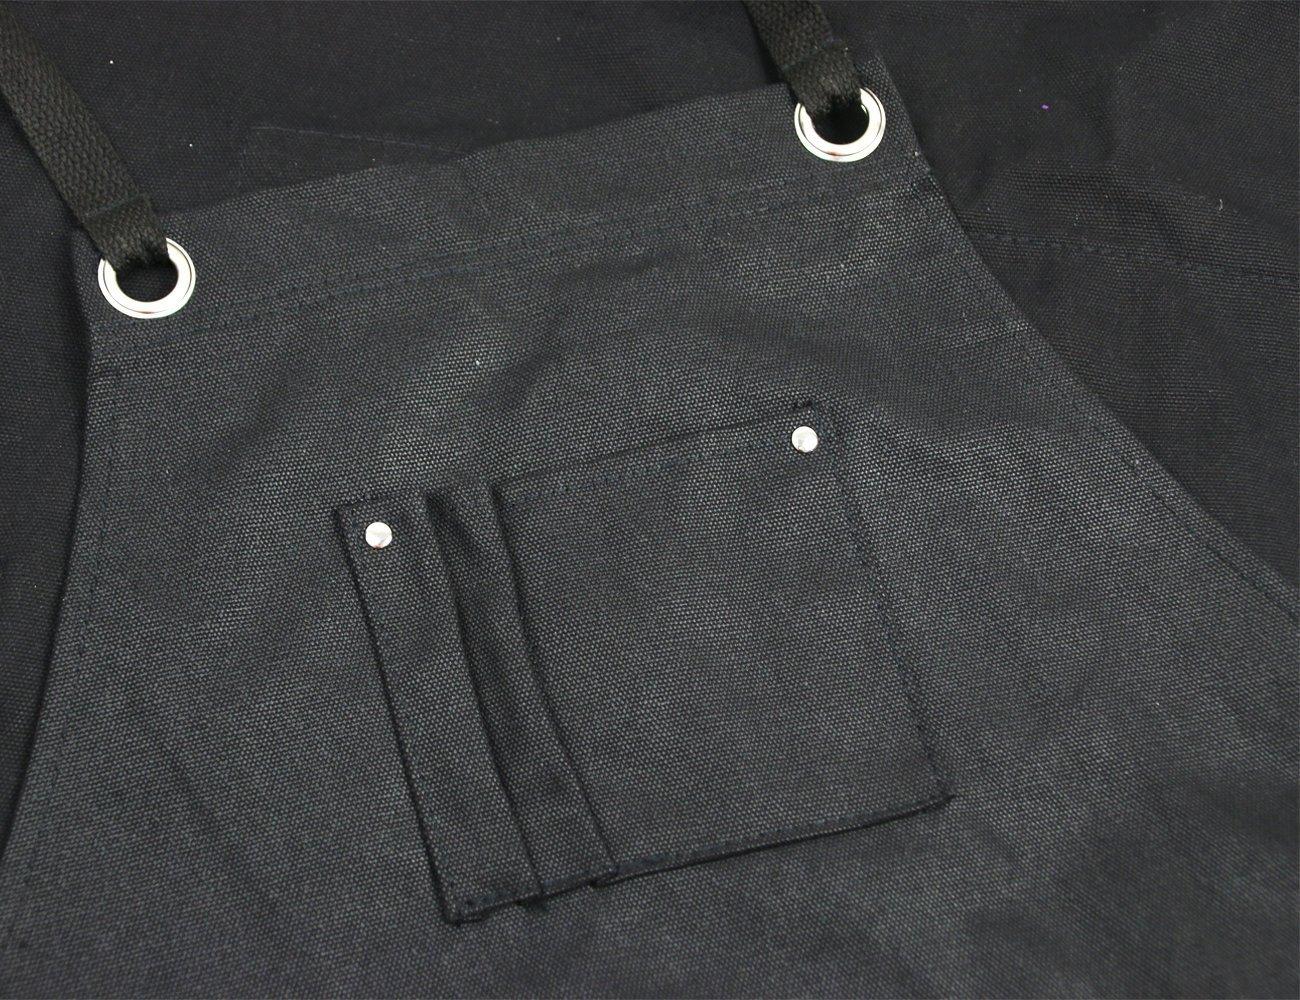 Langxun Delantal de herramientas encerado negro con bolsillos para herramientas | Delantal de trabajo ligero y duradero - Correas cruzadas y ajustables ...